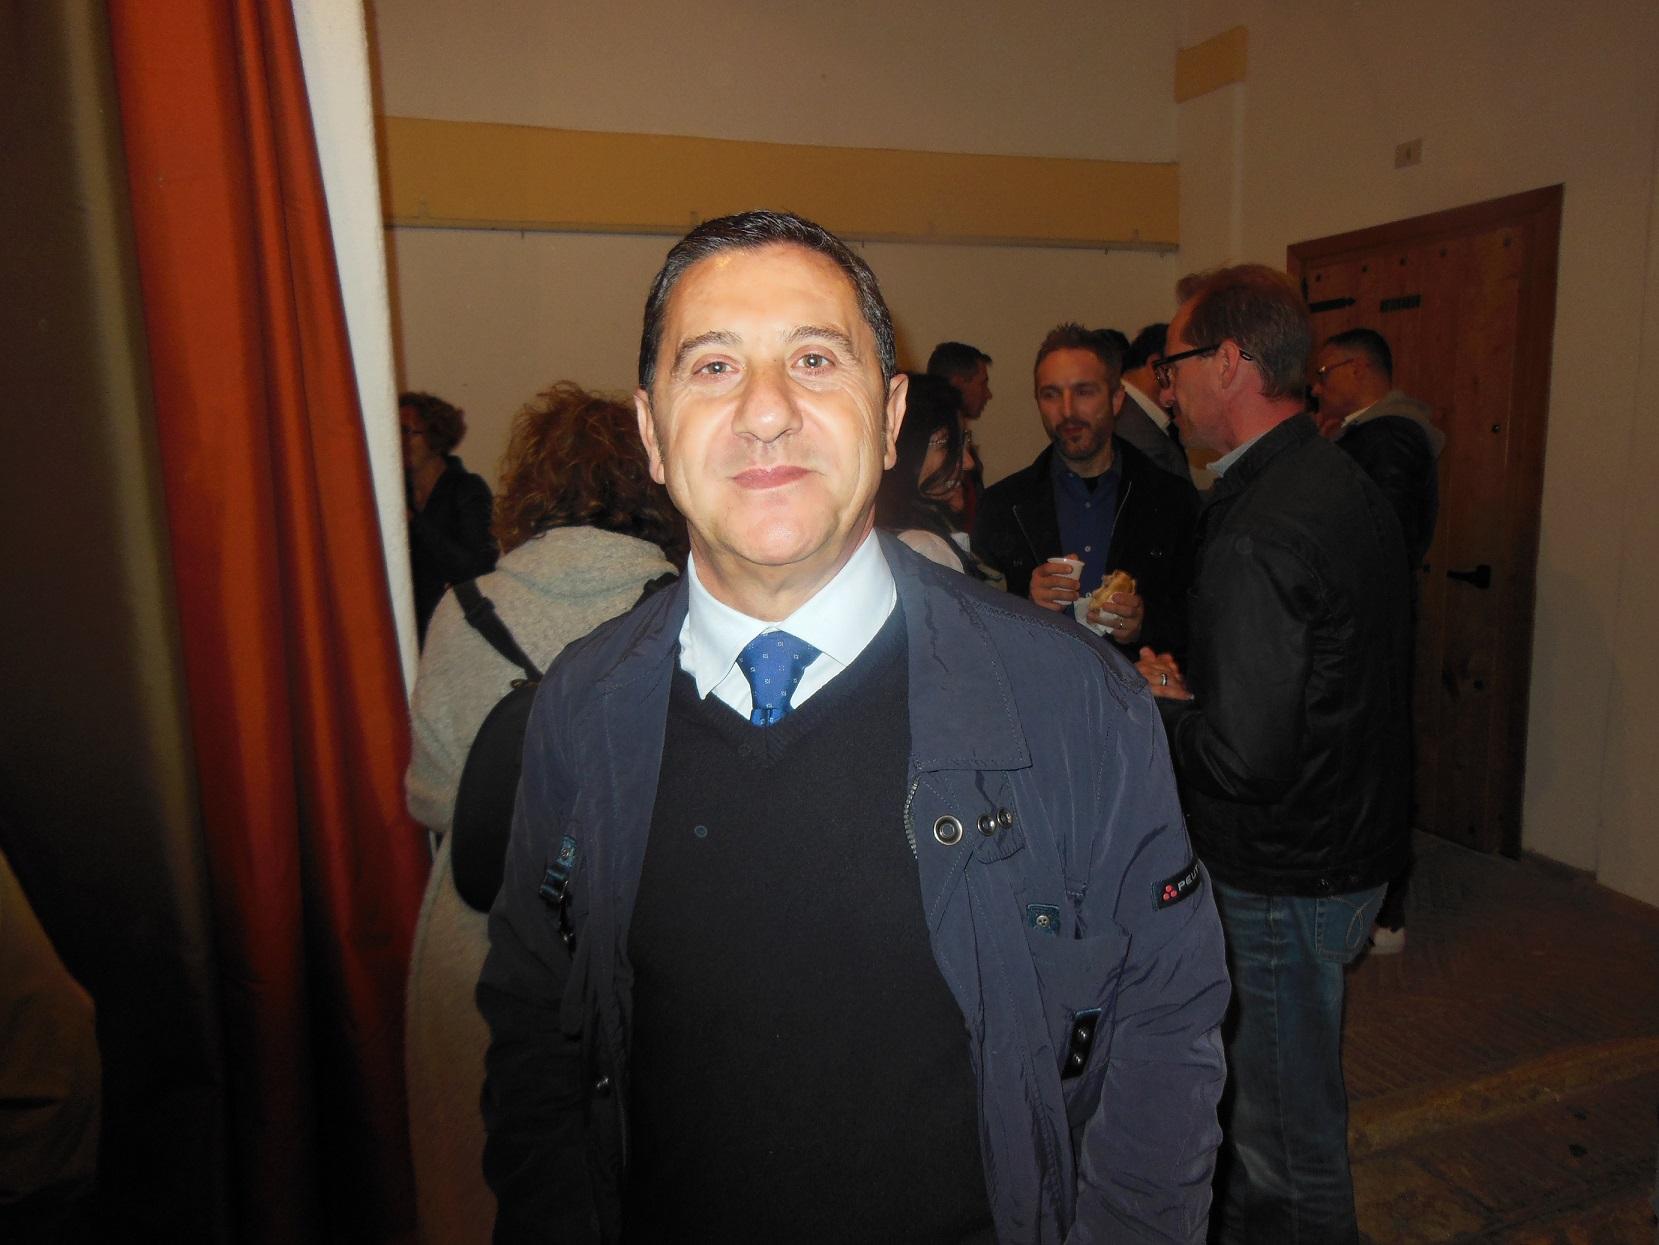 """Fonte Nuova, Baccani contesta i numeri del commissario: """"Per gli avvocati spesi 140mila euro"""". Ma le verifiche dicono altro"""